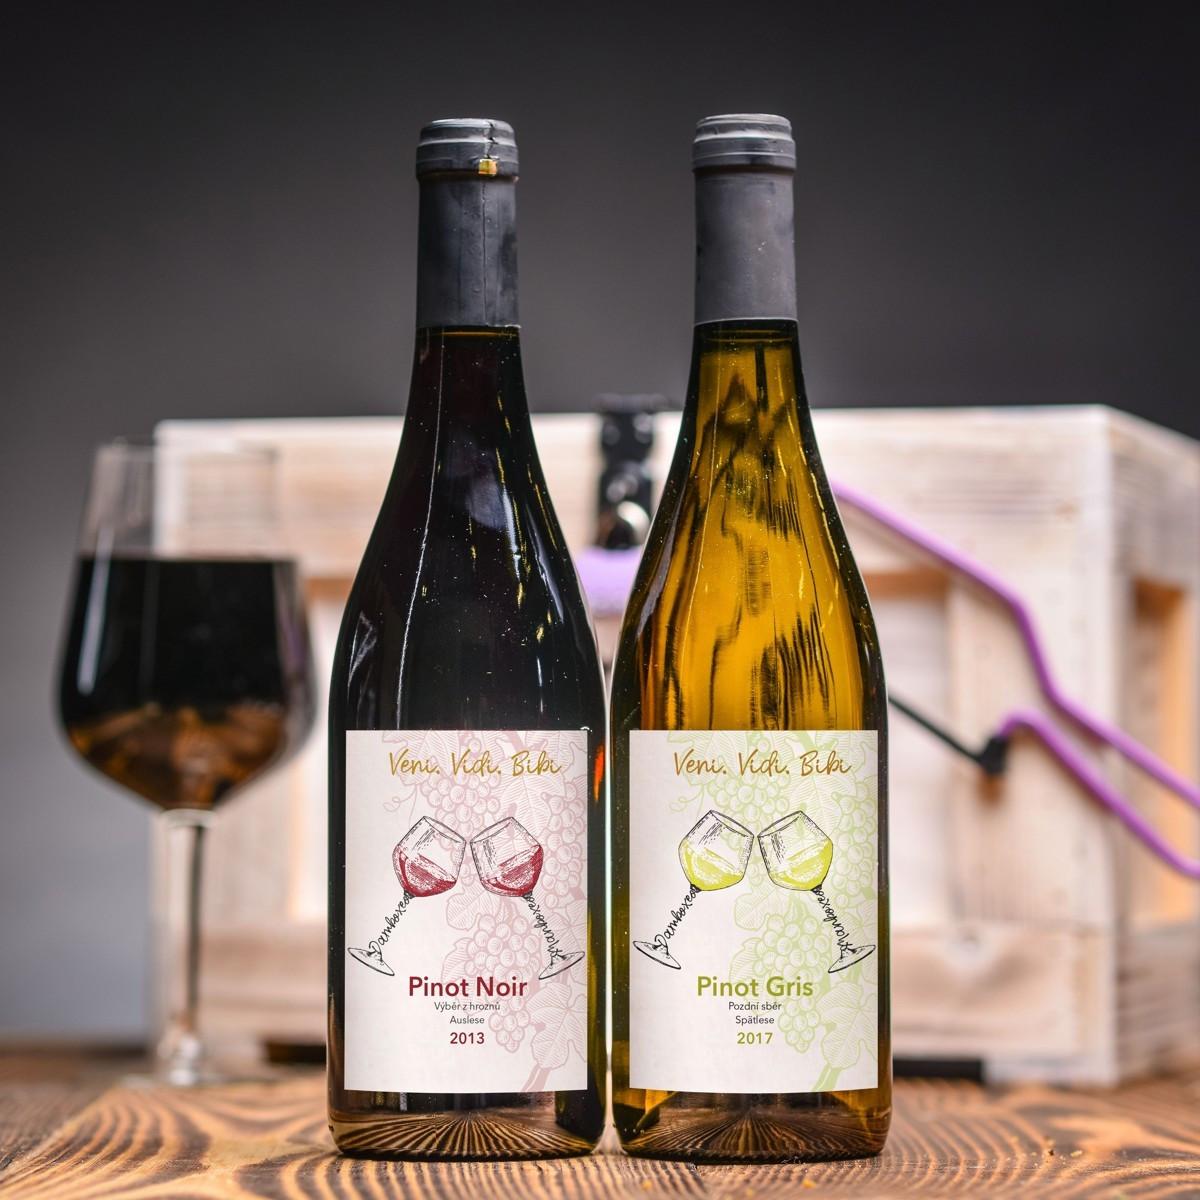 cervene vino rulandske modre a bile vino rulandske sede gotberg 0, 75 l.jpg